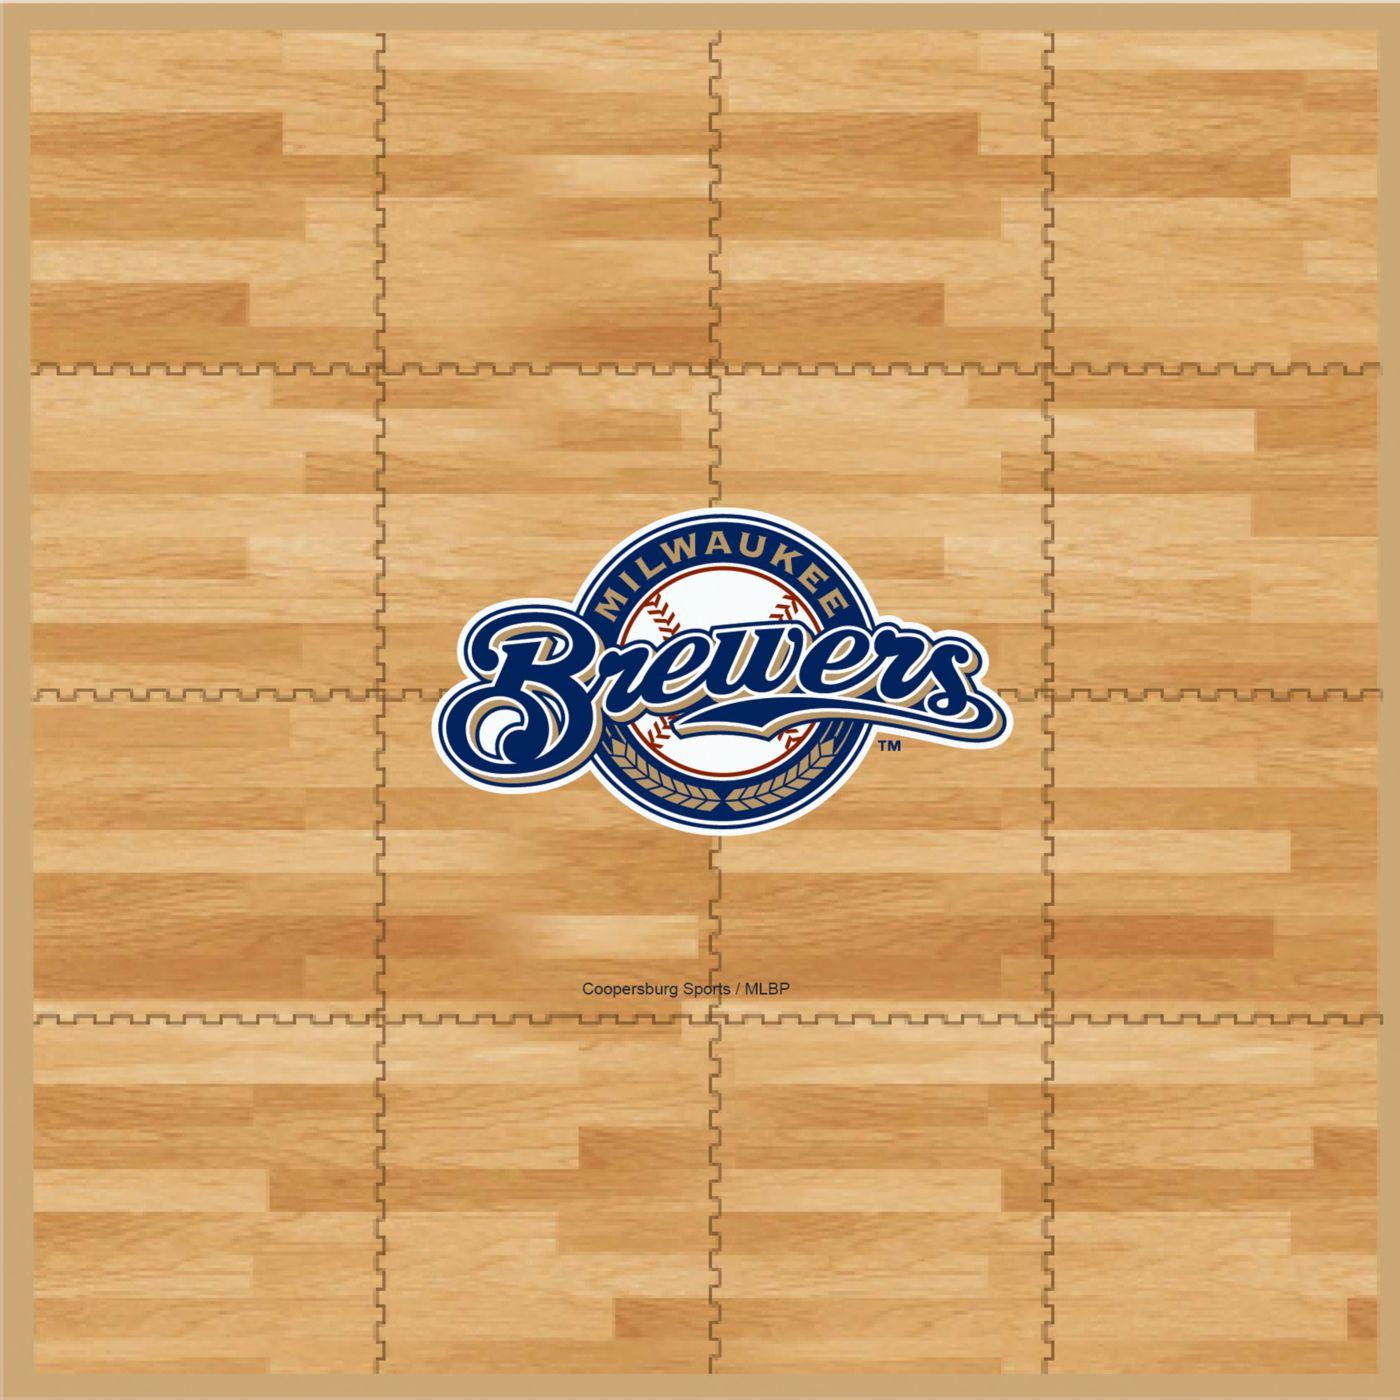 Coopersburg Sports Milwaukee Brewers Fan Floor